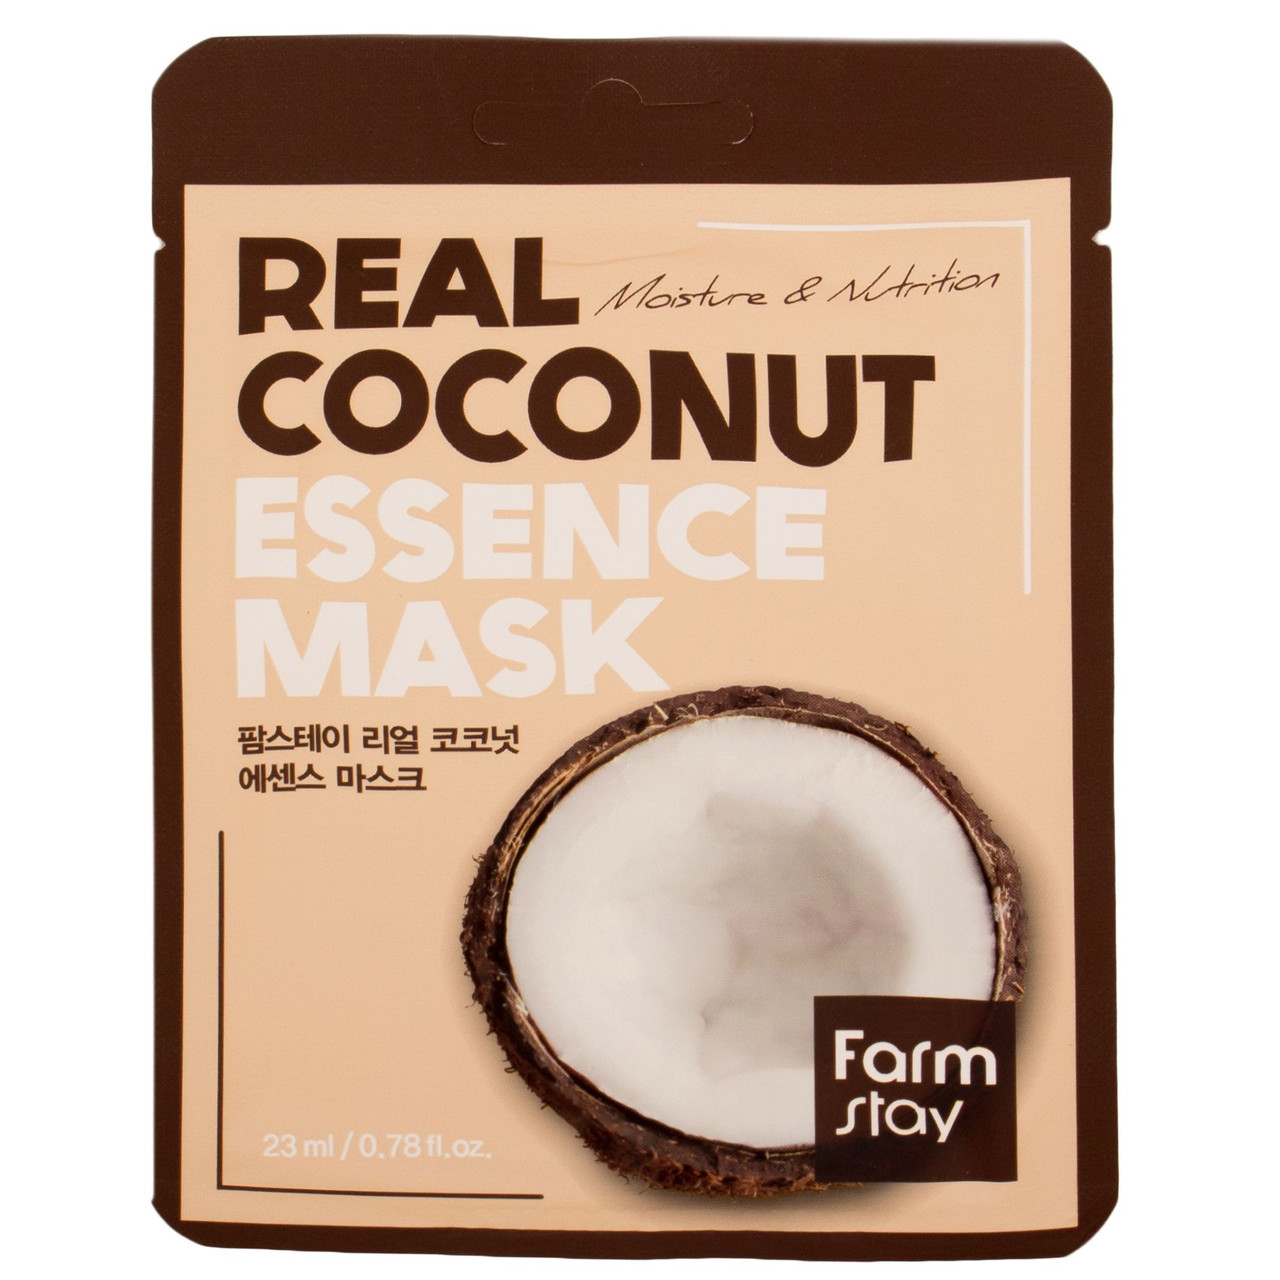 Увлажняющая тканевая маска с экстрактом кокоса FarmStay Real Coconut essence mask